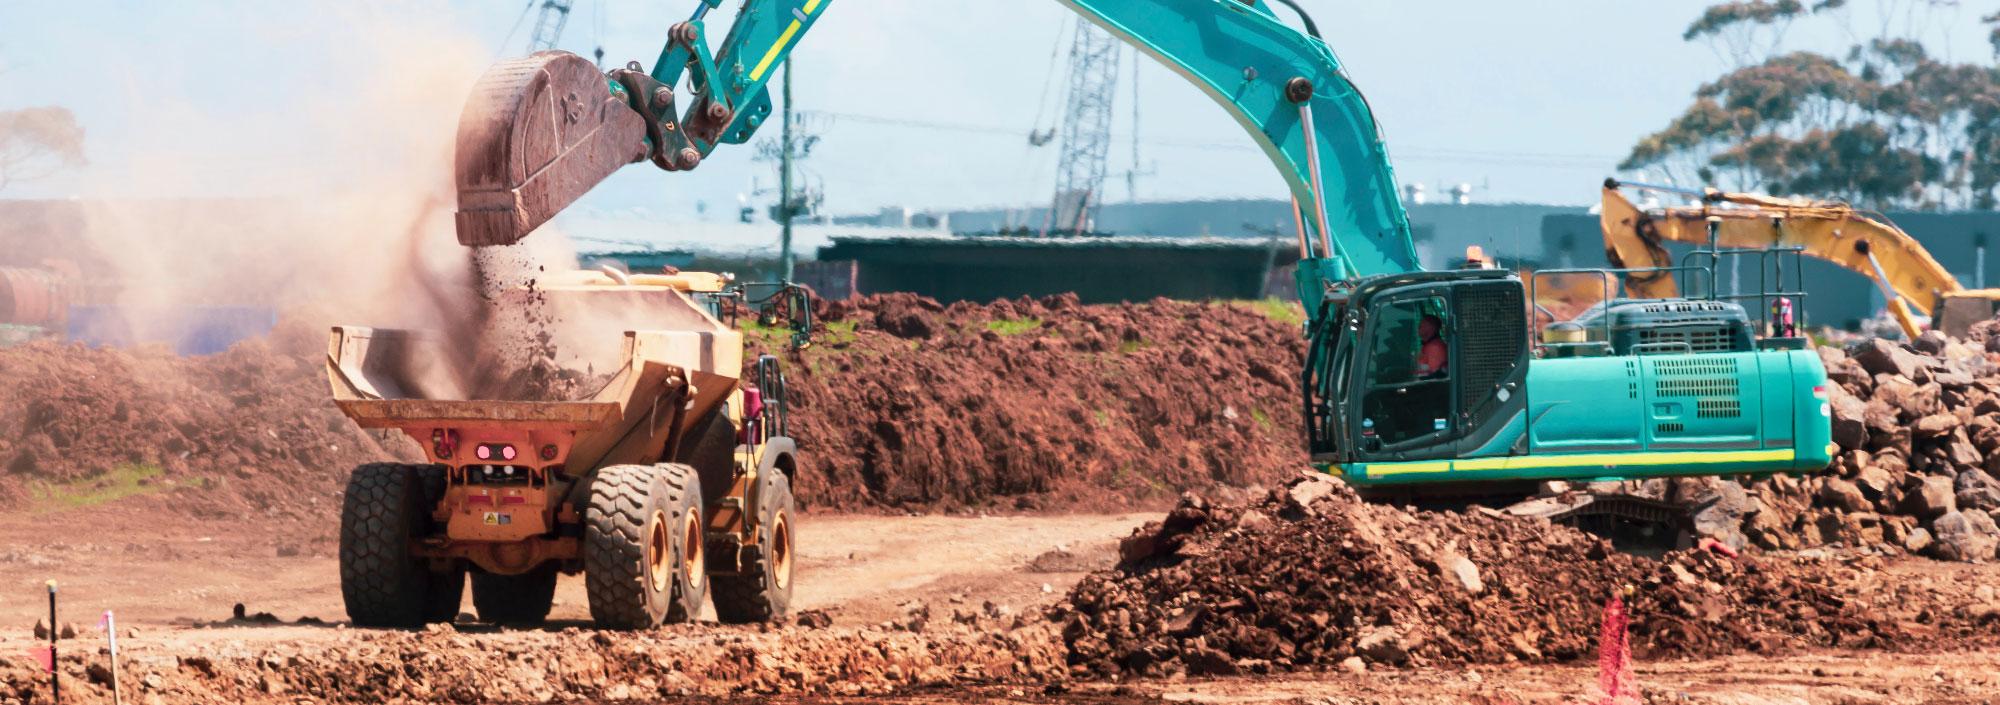 Roads construction site